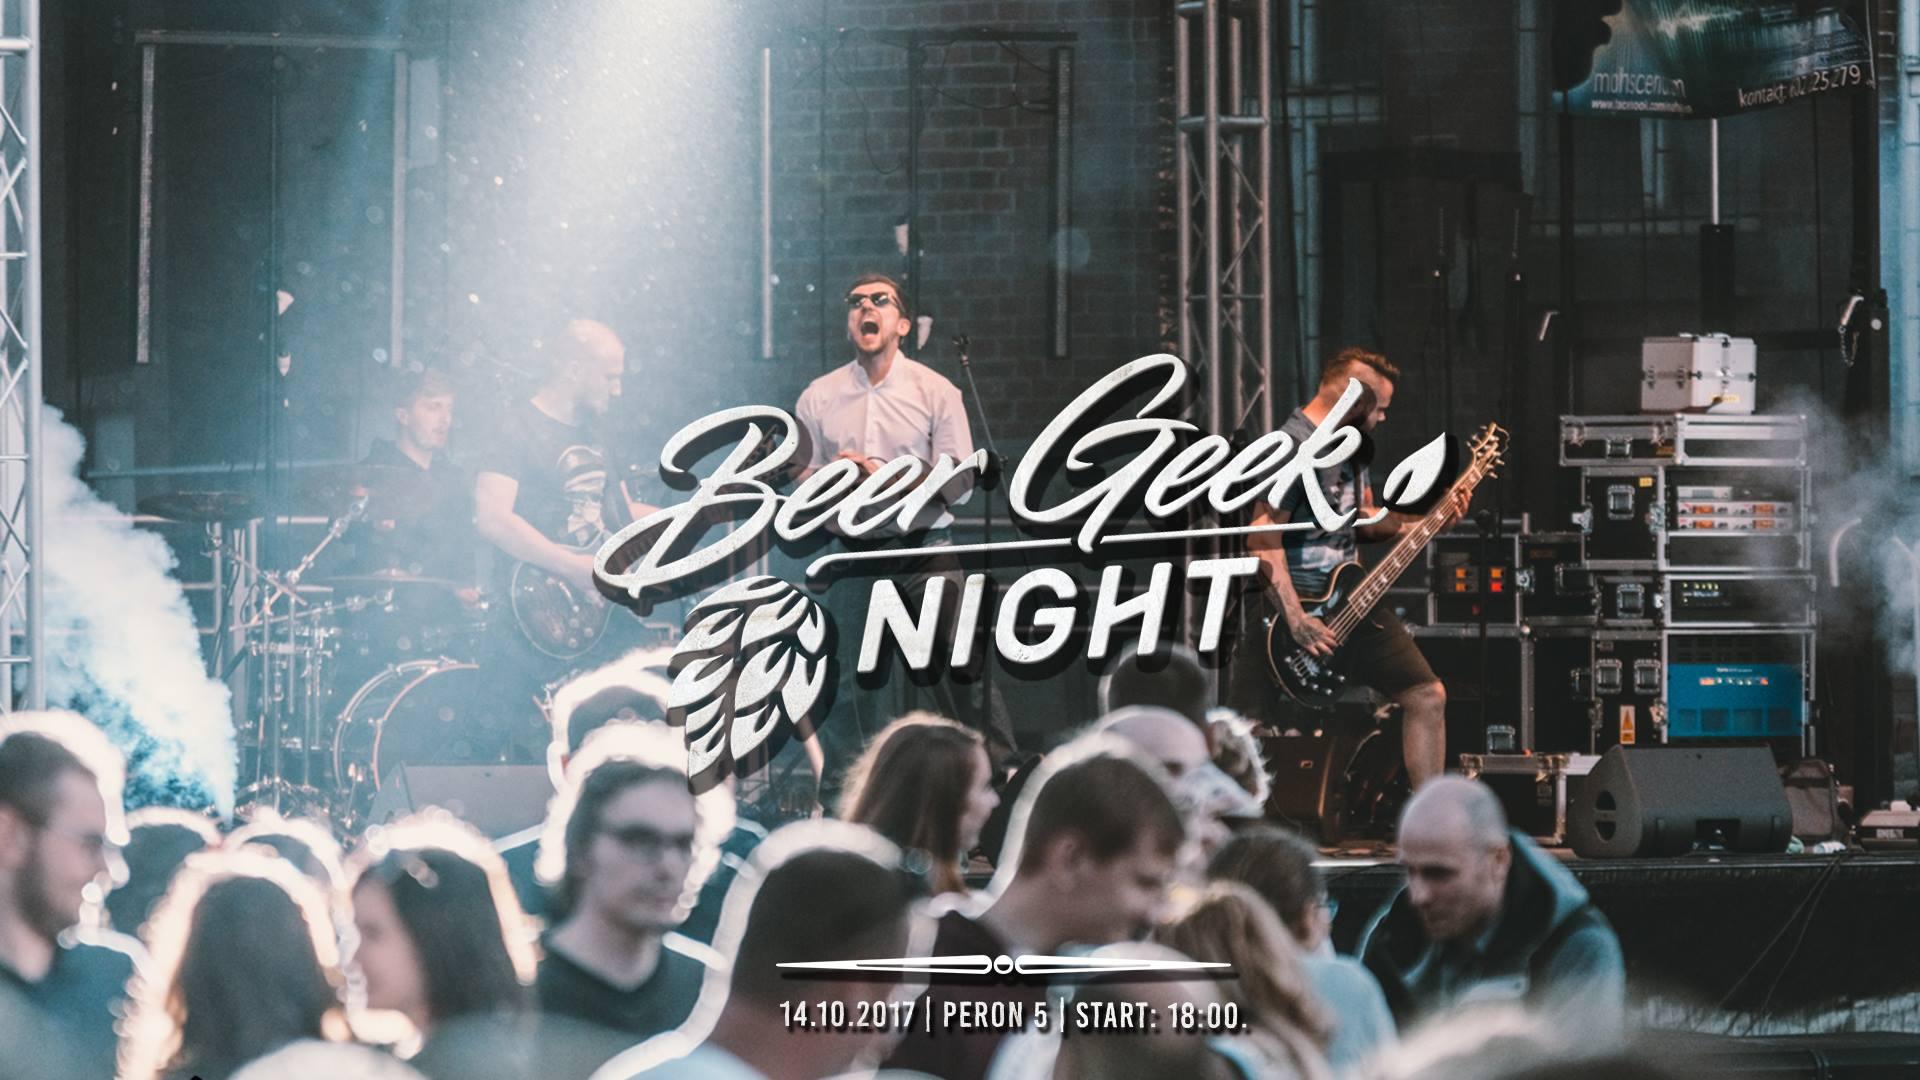 Beer Geek Night - nocny festiwal piwa